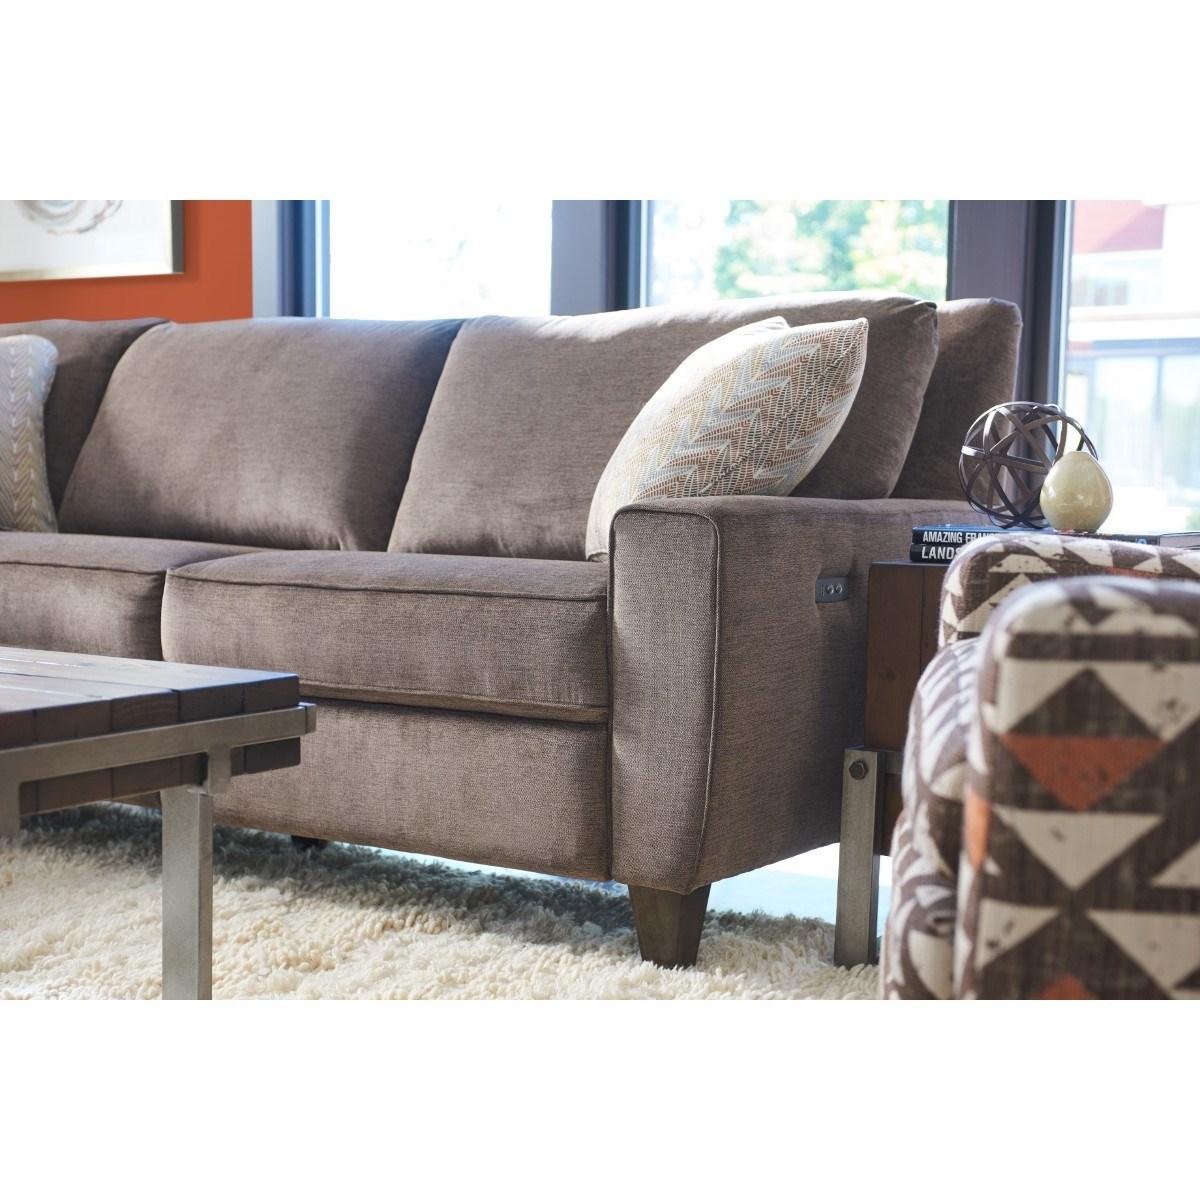 La Z Boy Edie Four Piece Power Reclining Sectional Sofa